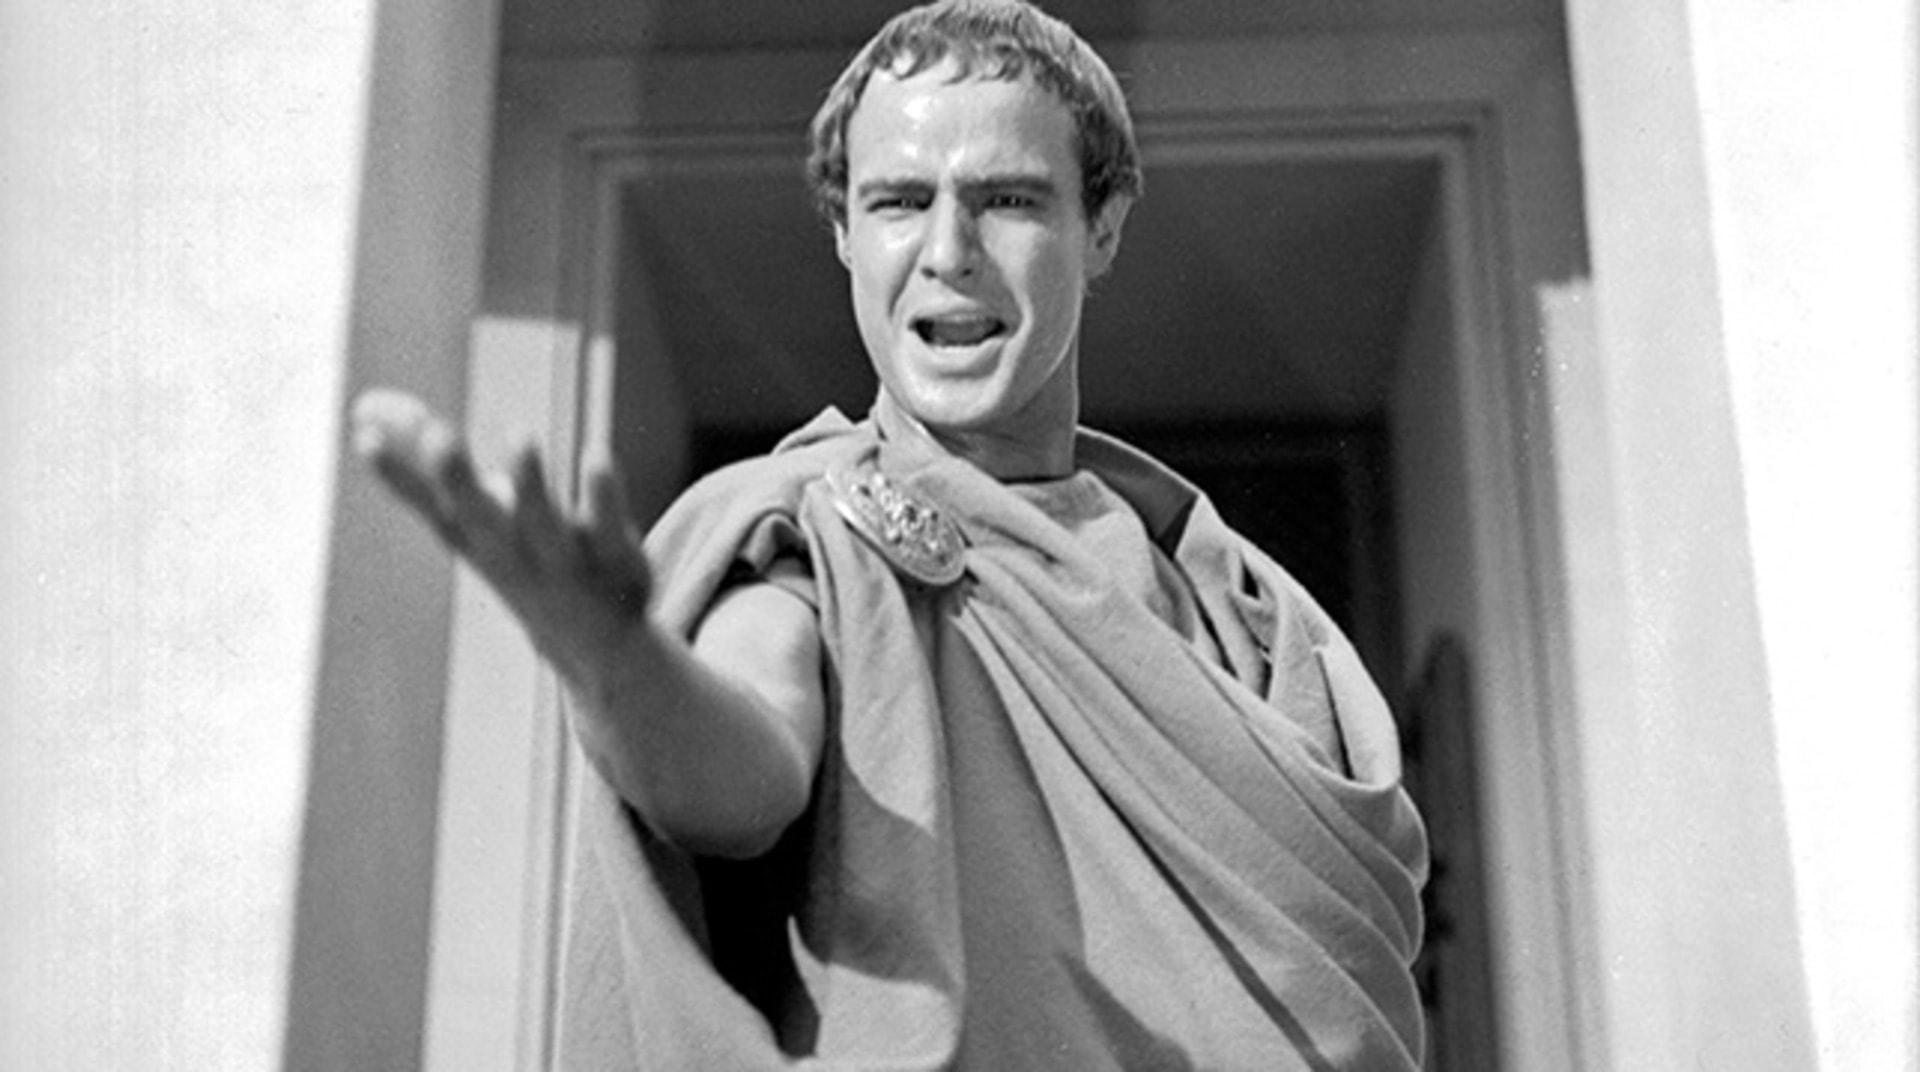 Julius Caesar - Image 1